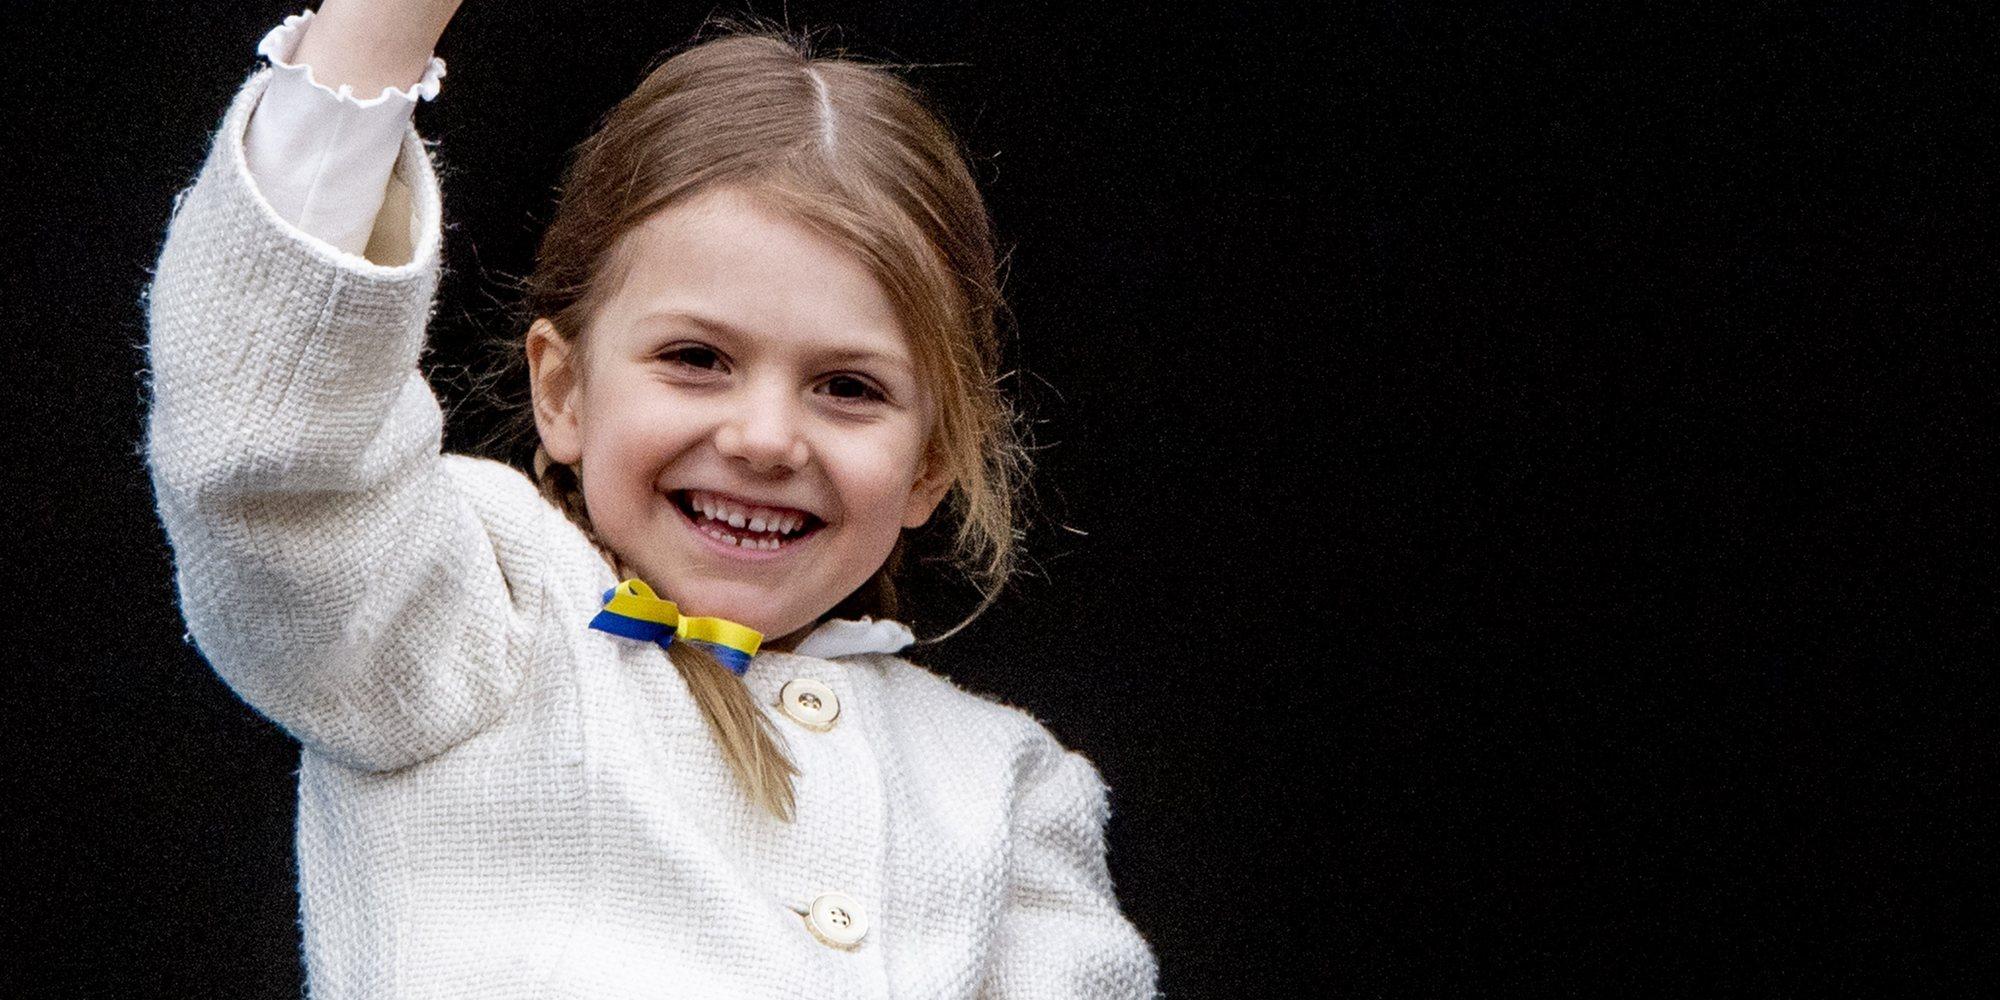 Estela de Suecia, una princesa heavy metal en el concierto de Metallica junto a sus padres Victoria y Daniel de Suecia